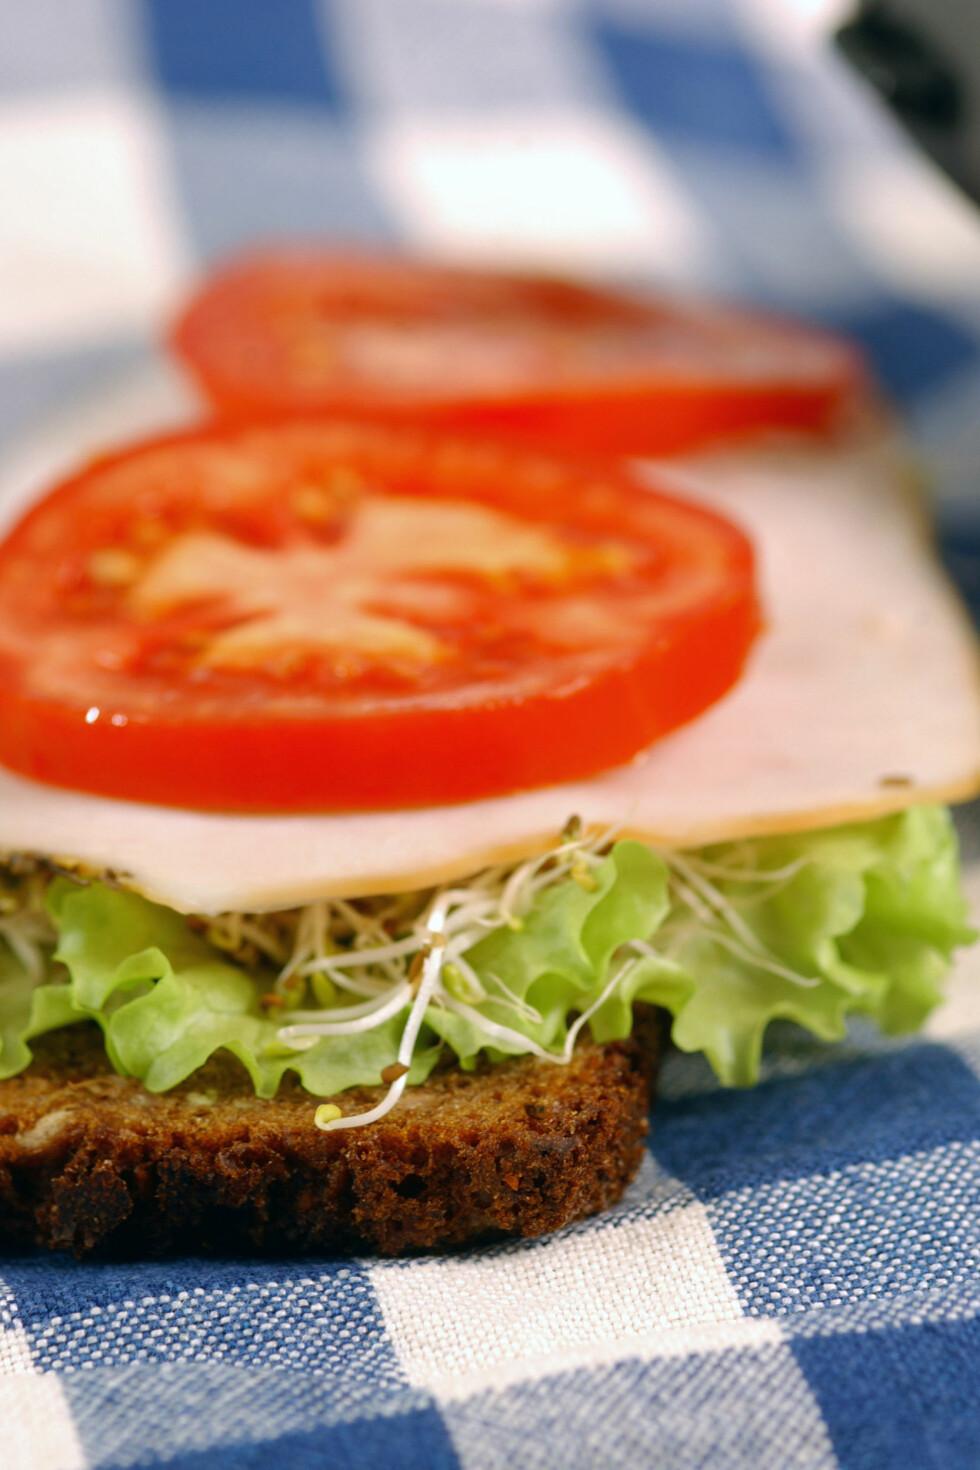 BRUK DEM PÅ BRØDSKIVA: Legg noen tomatskiver på brødskiva, det gjør deg nemlig fortere mett.